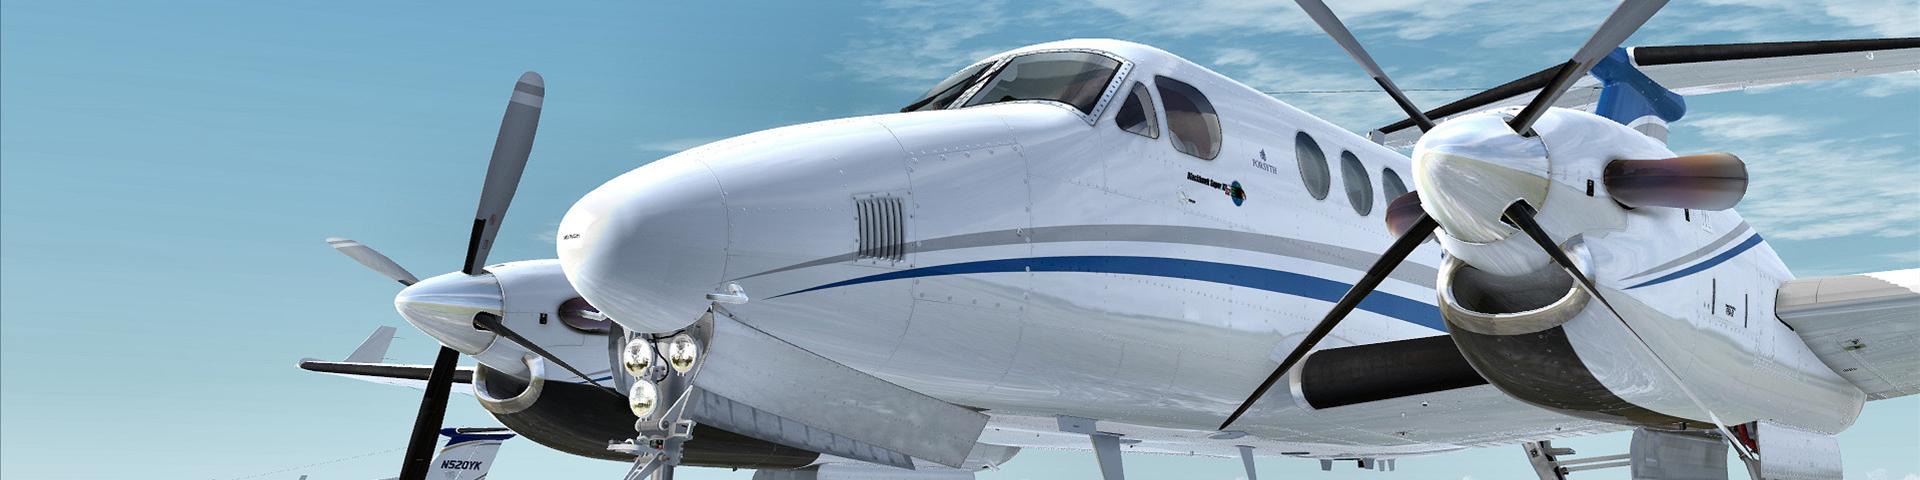 king 2001 - King Air 200 Air Charter